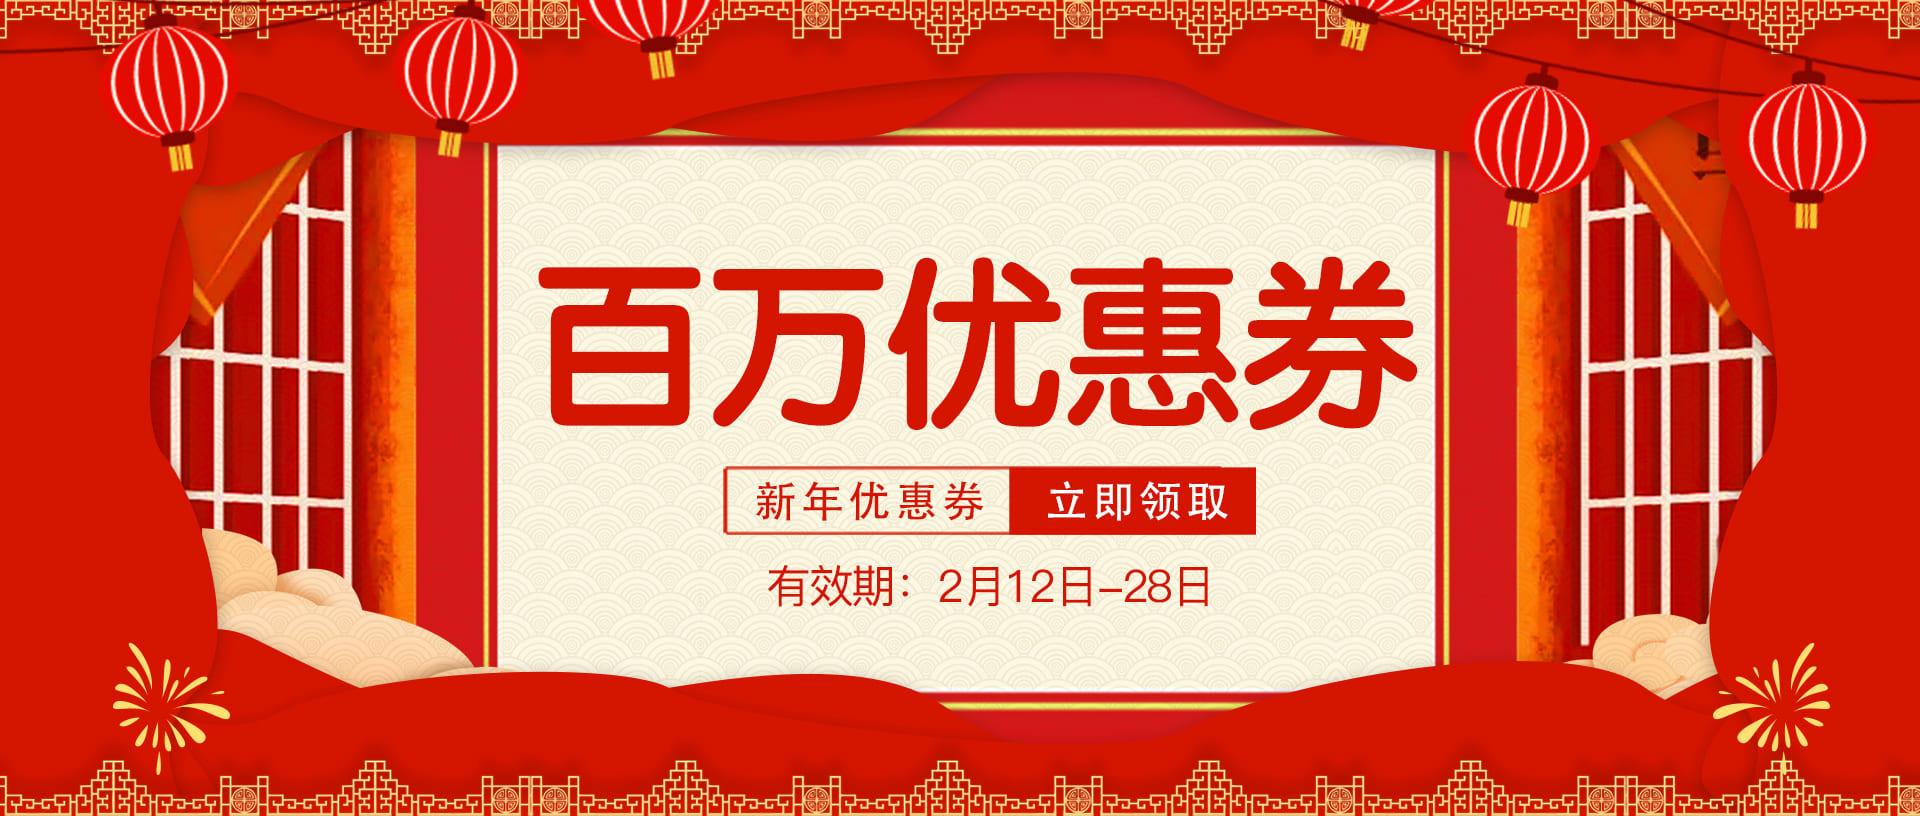 绿林美框春节放假通知banner